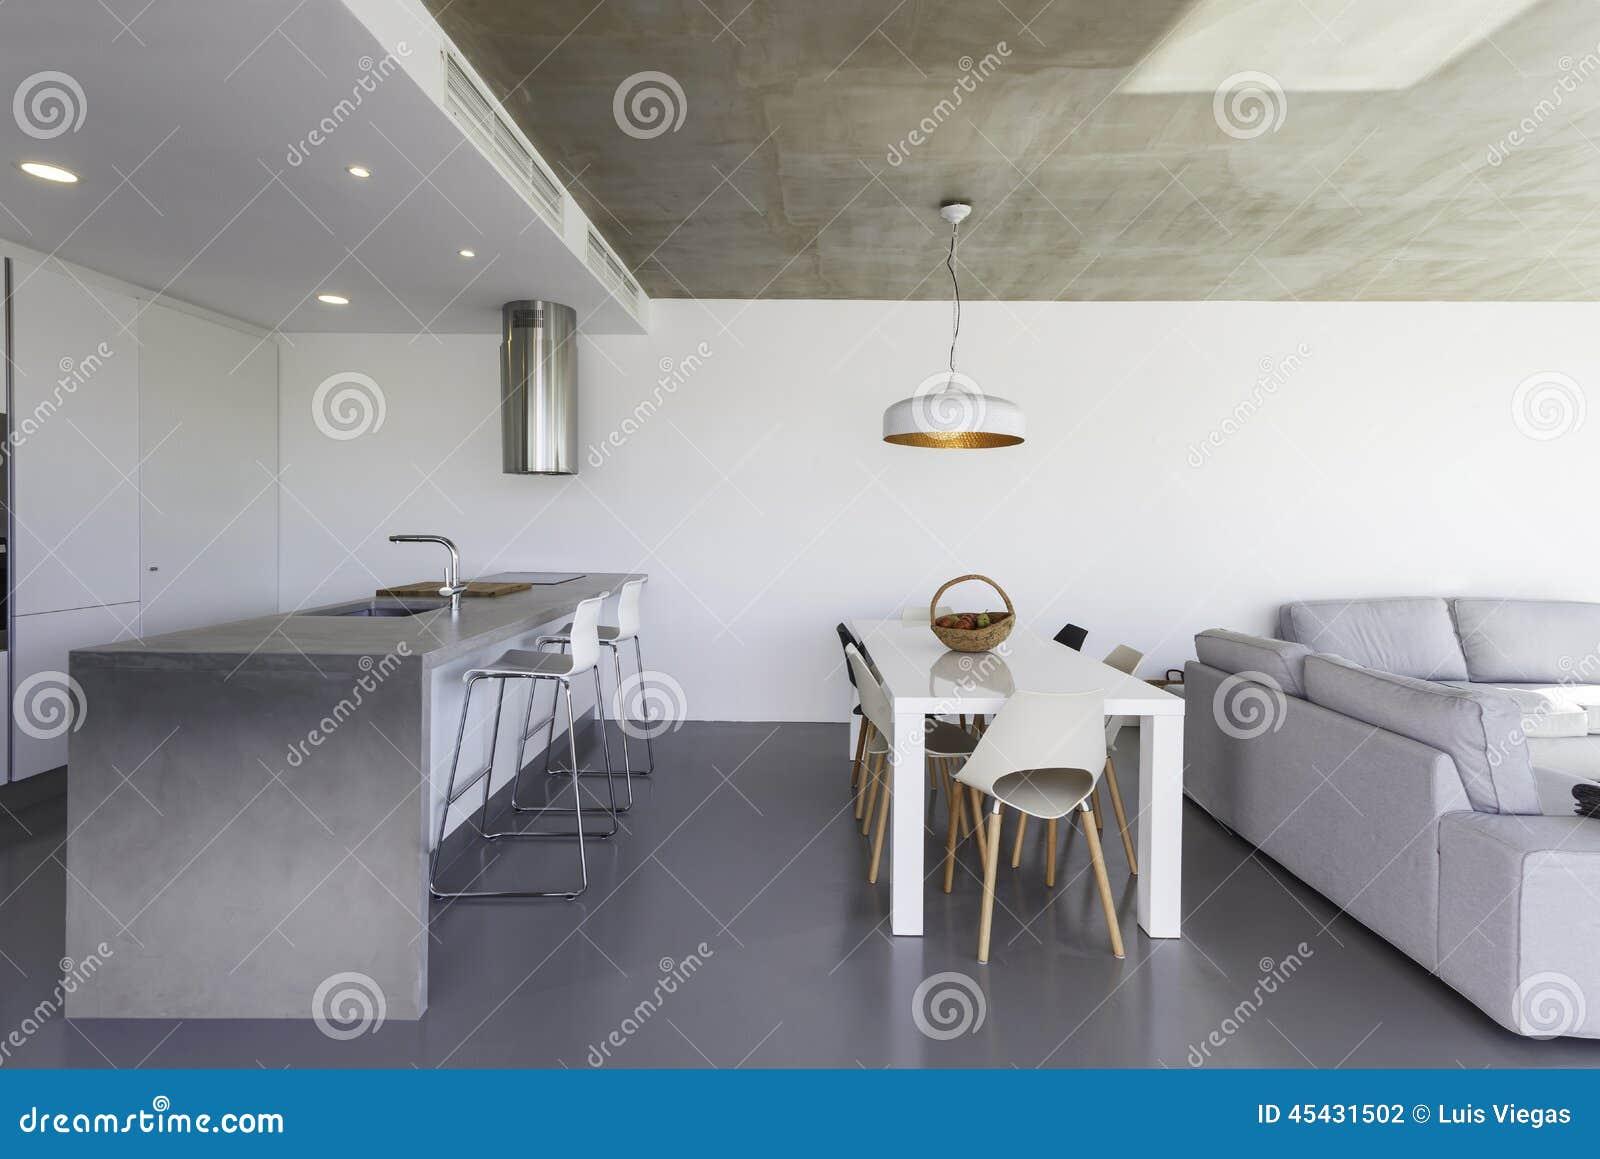 Moderne keuken met grijze vloer en witte muur stock foto ...